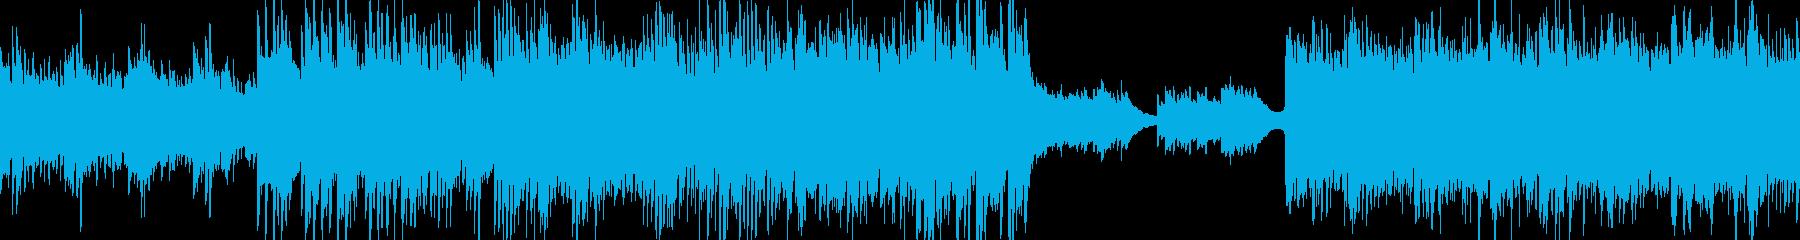 クラシック交響曲 前衛交響曲 ポジ...の再生済みの波形